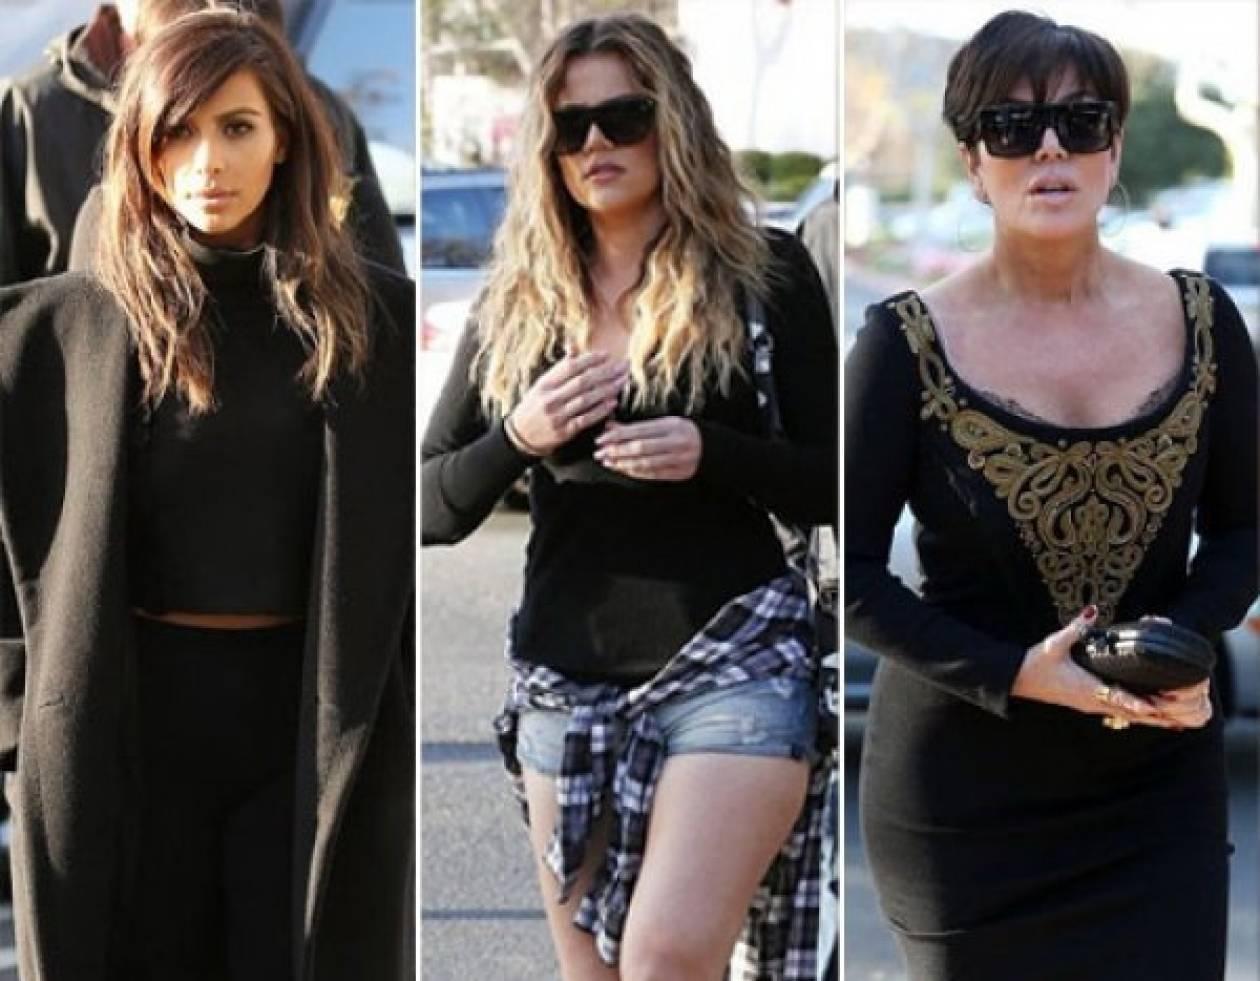 Η Kim εμφανίστηκε με παλτό, η Khloe με σορτσάκι και η μάνα με φόρεμα